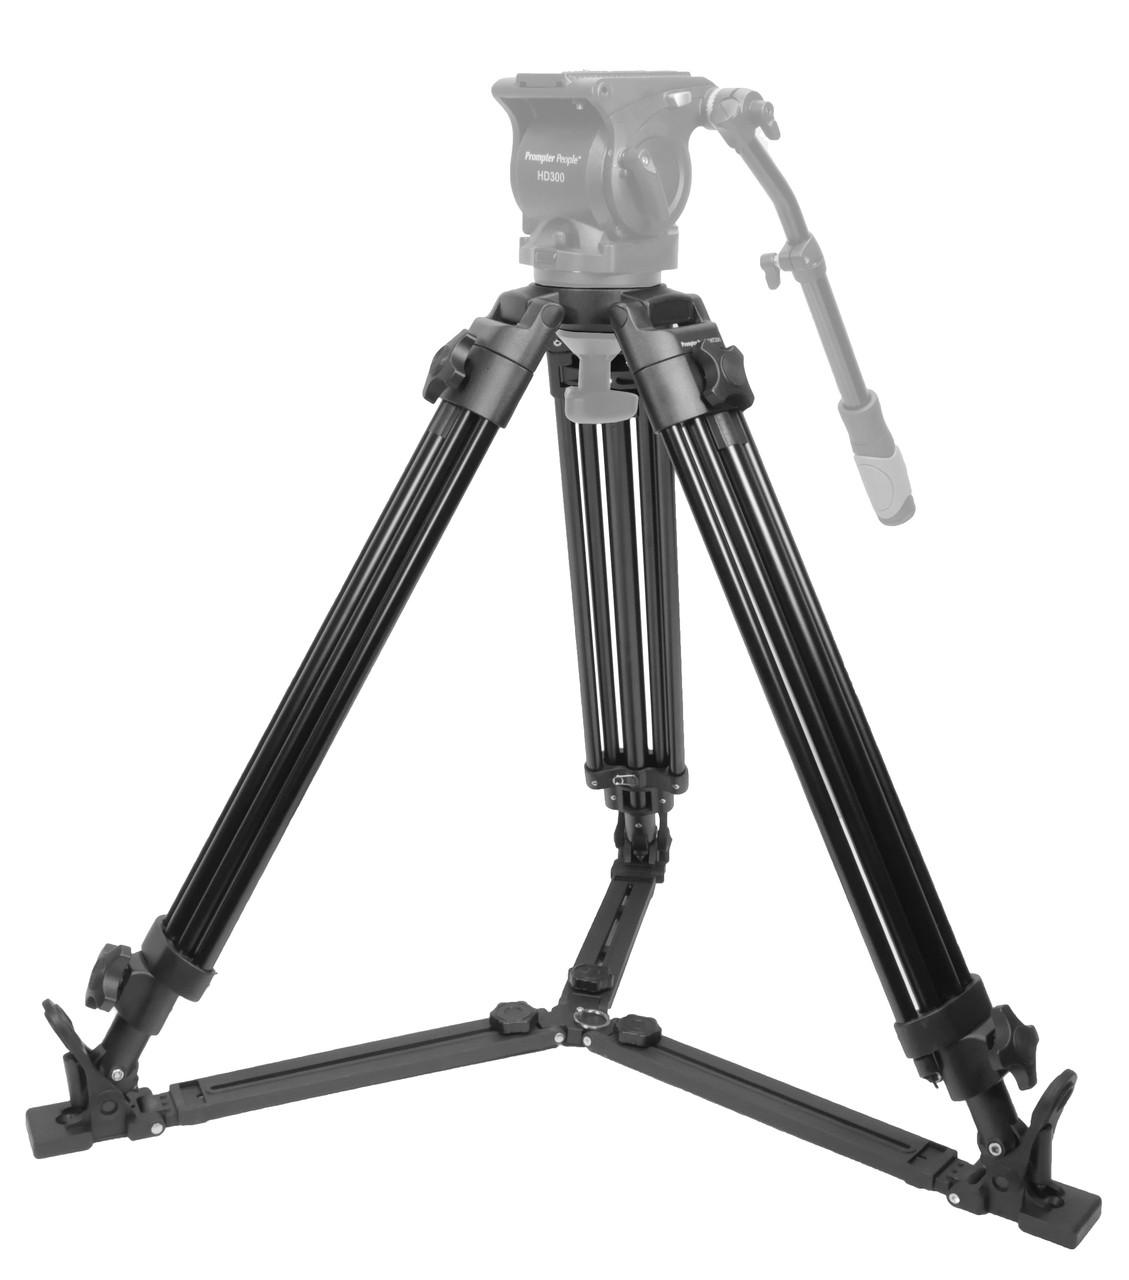 PrompterPeople 100mm Heavy Duty Legs for HD-300, HD-1, HD-2 (HT-300)